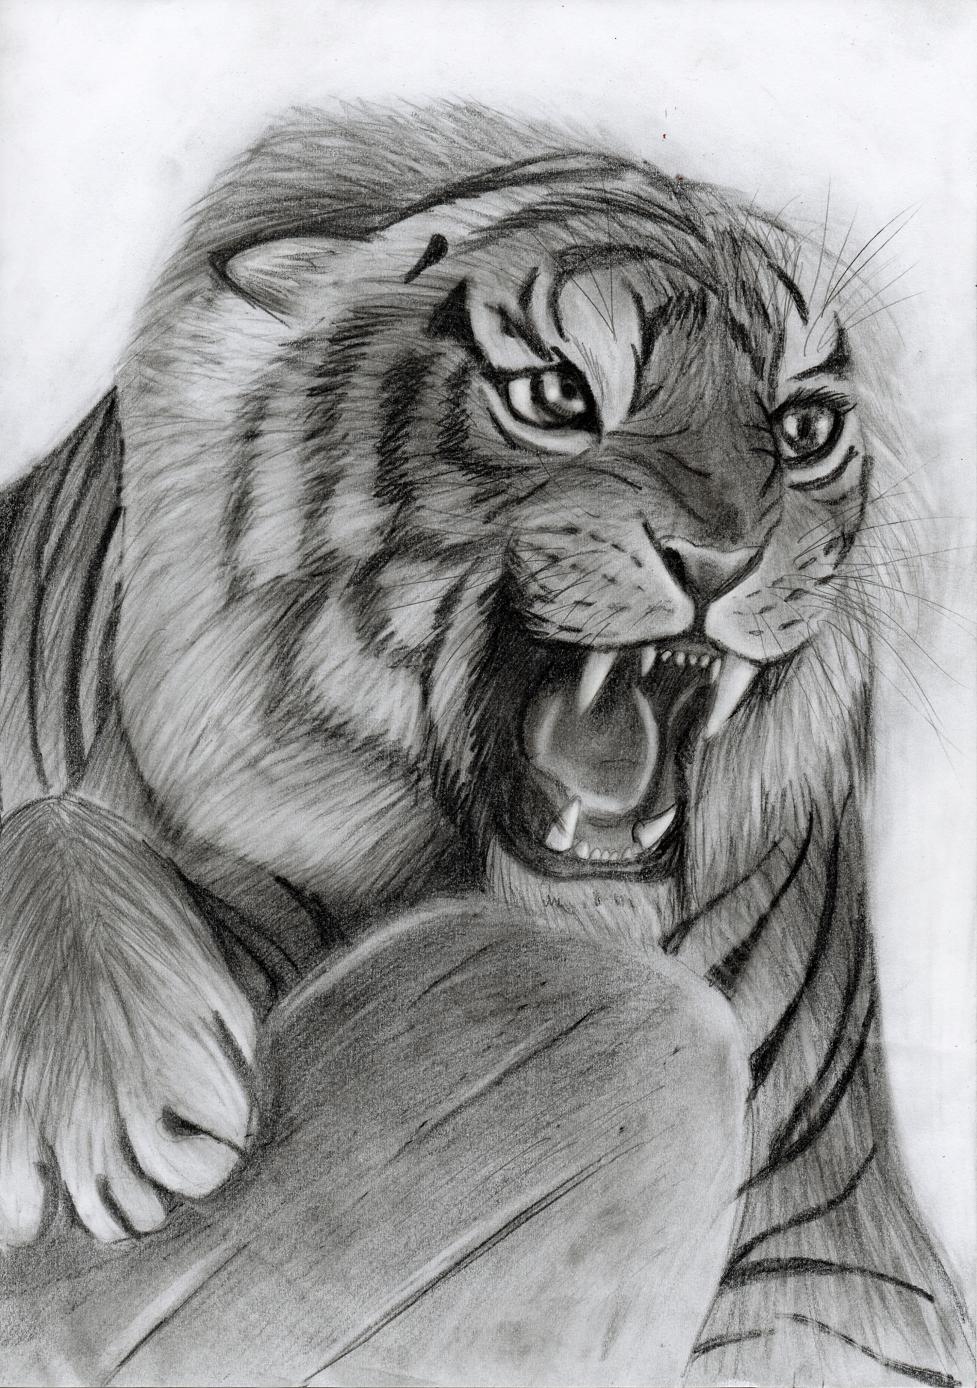 angry animal drawing - photo #16